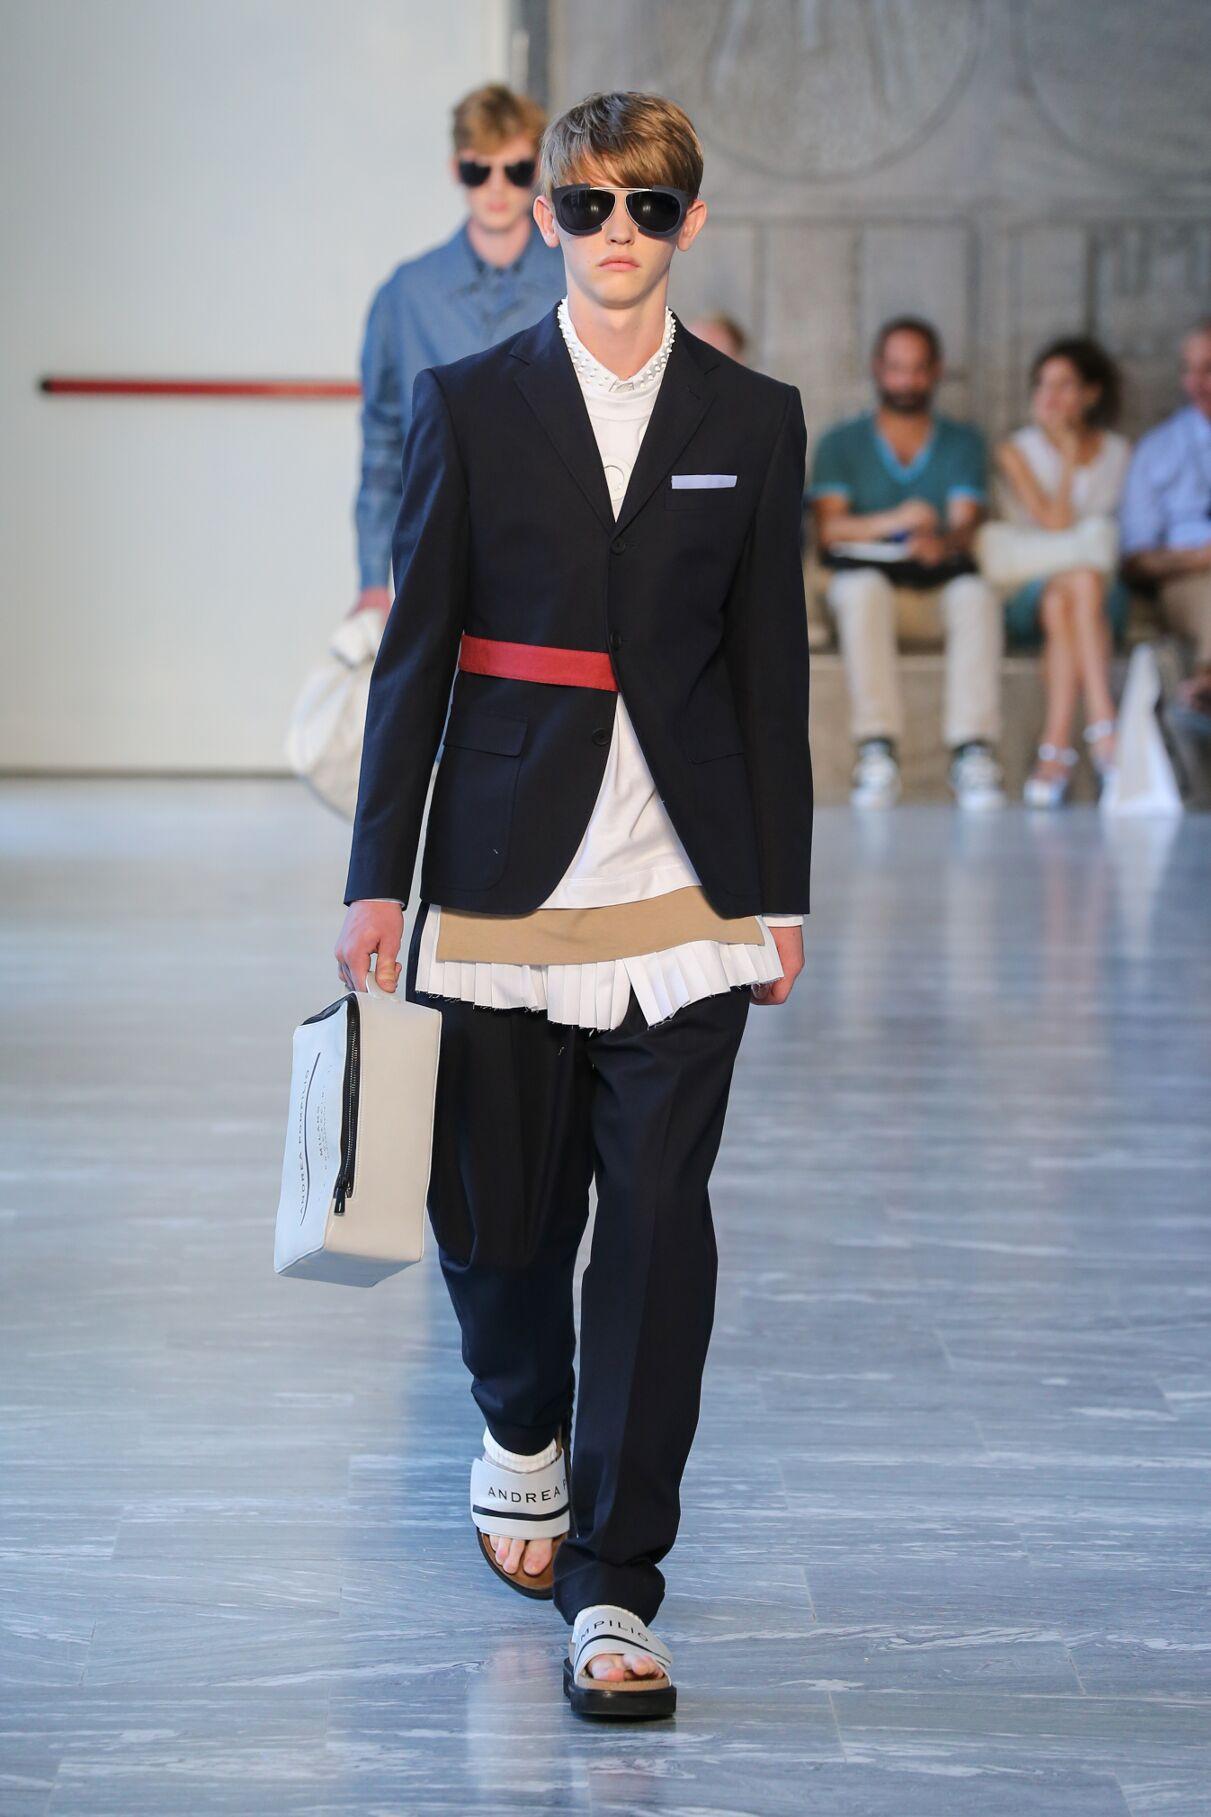 Andrea Pompilio Man Milan Fashion Week